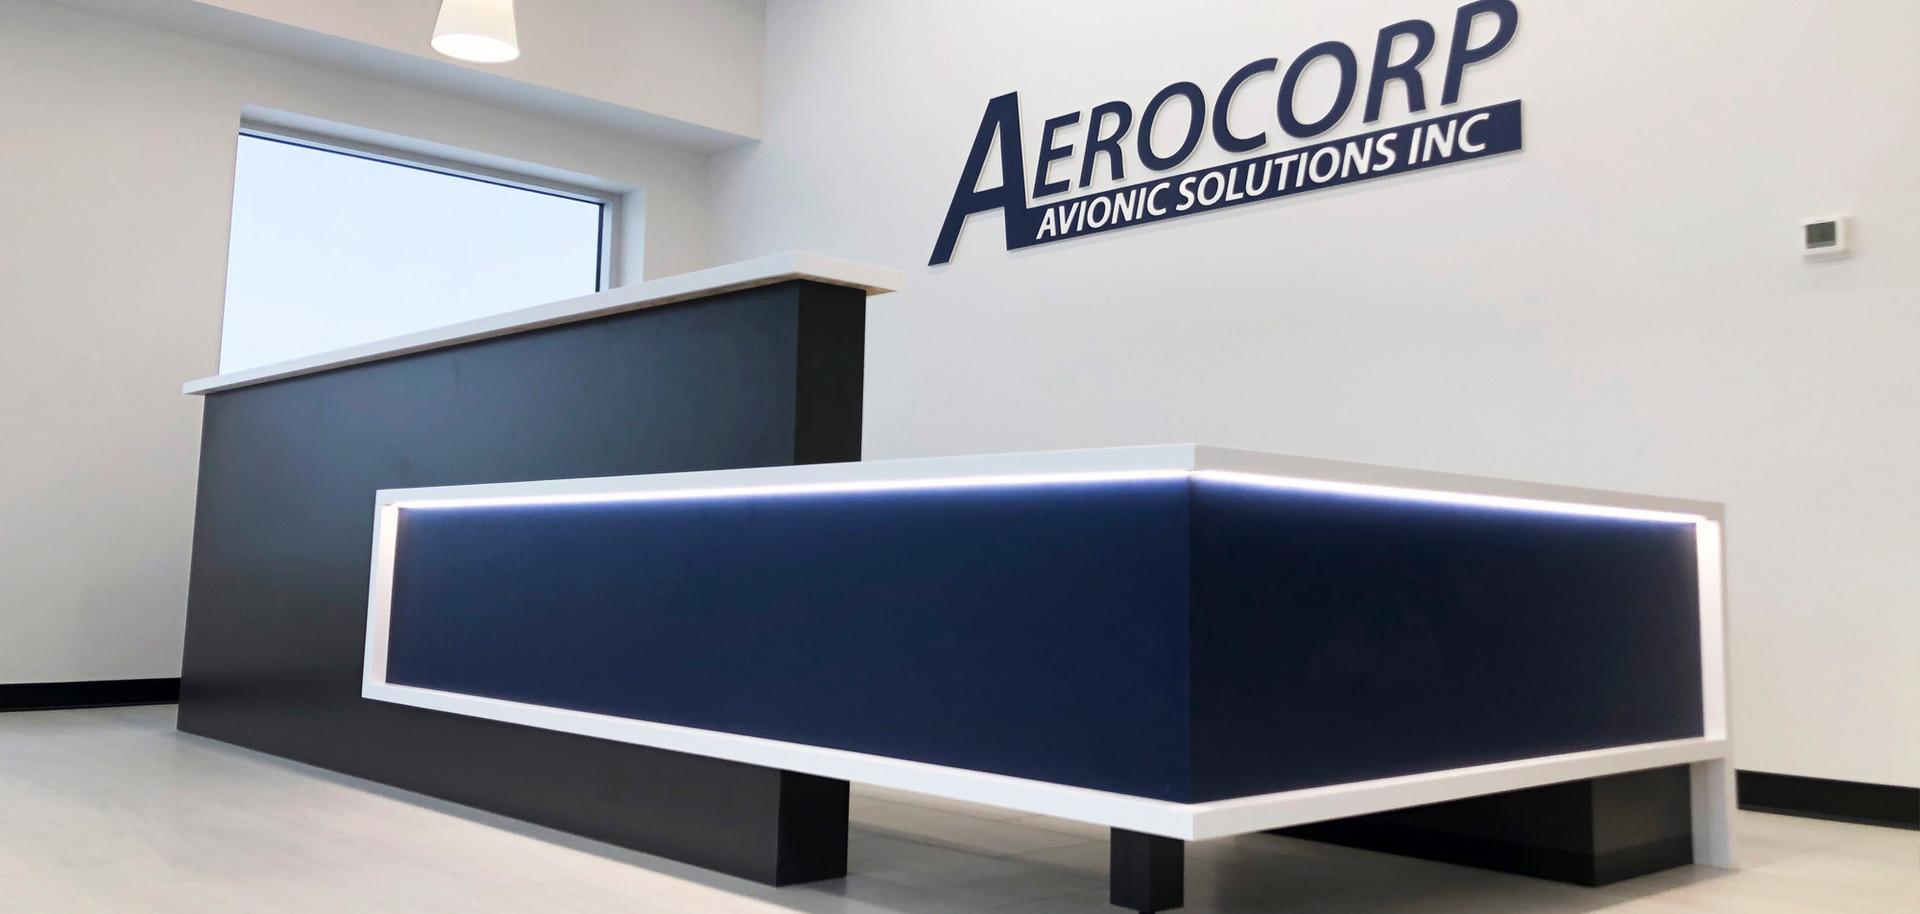 Aerocorp-2-2000x1000.jpg